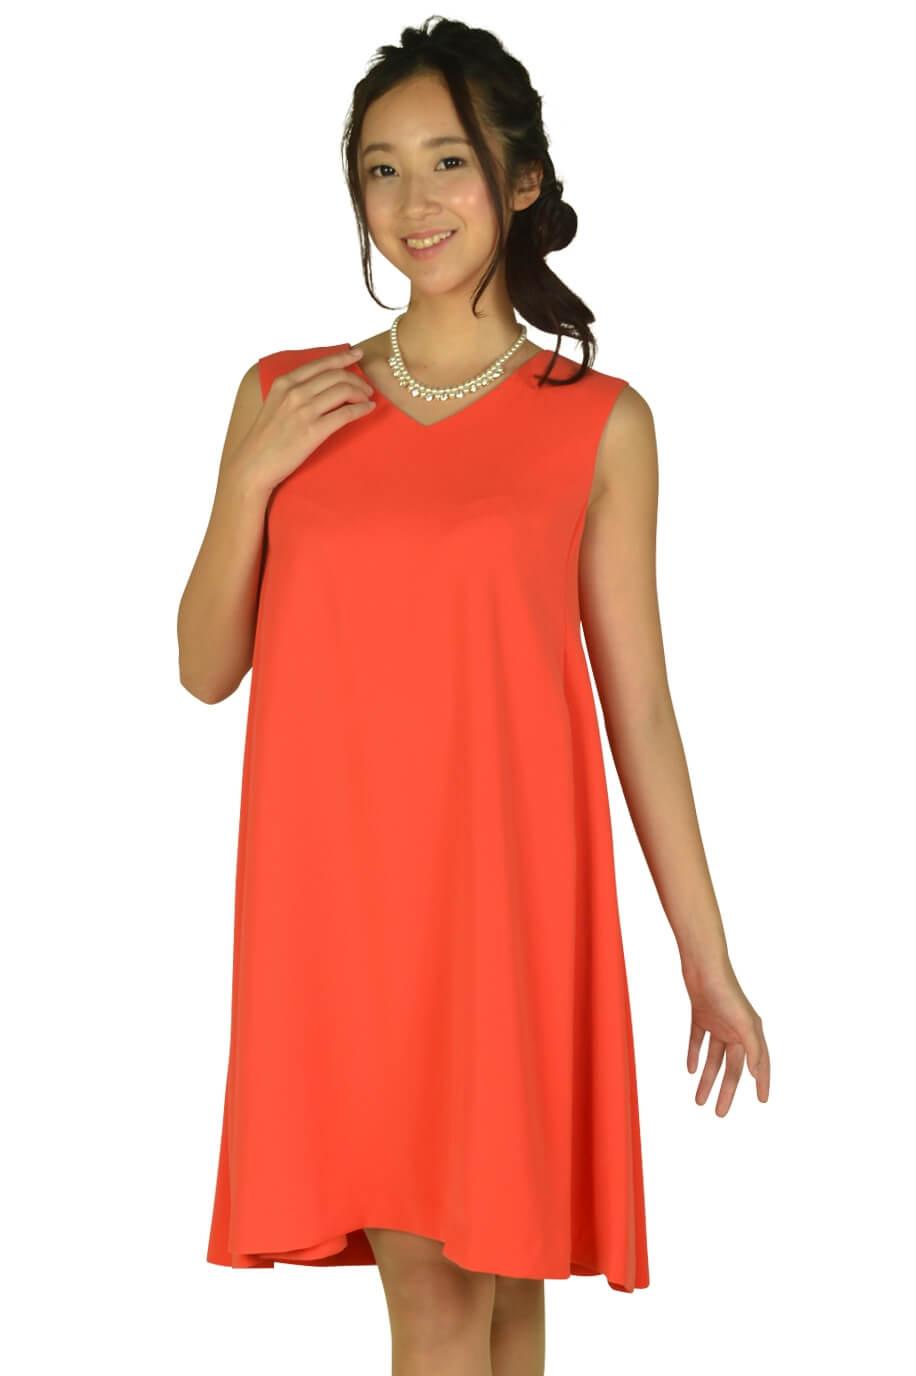 ストロベリーフィールズ (STRAWBERRY-FIELDS)VネックAラインオレンジドレス